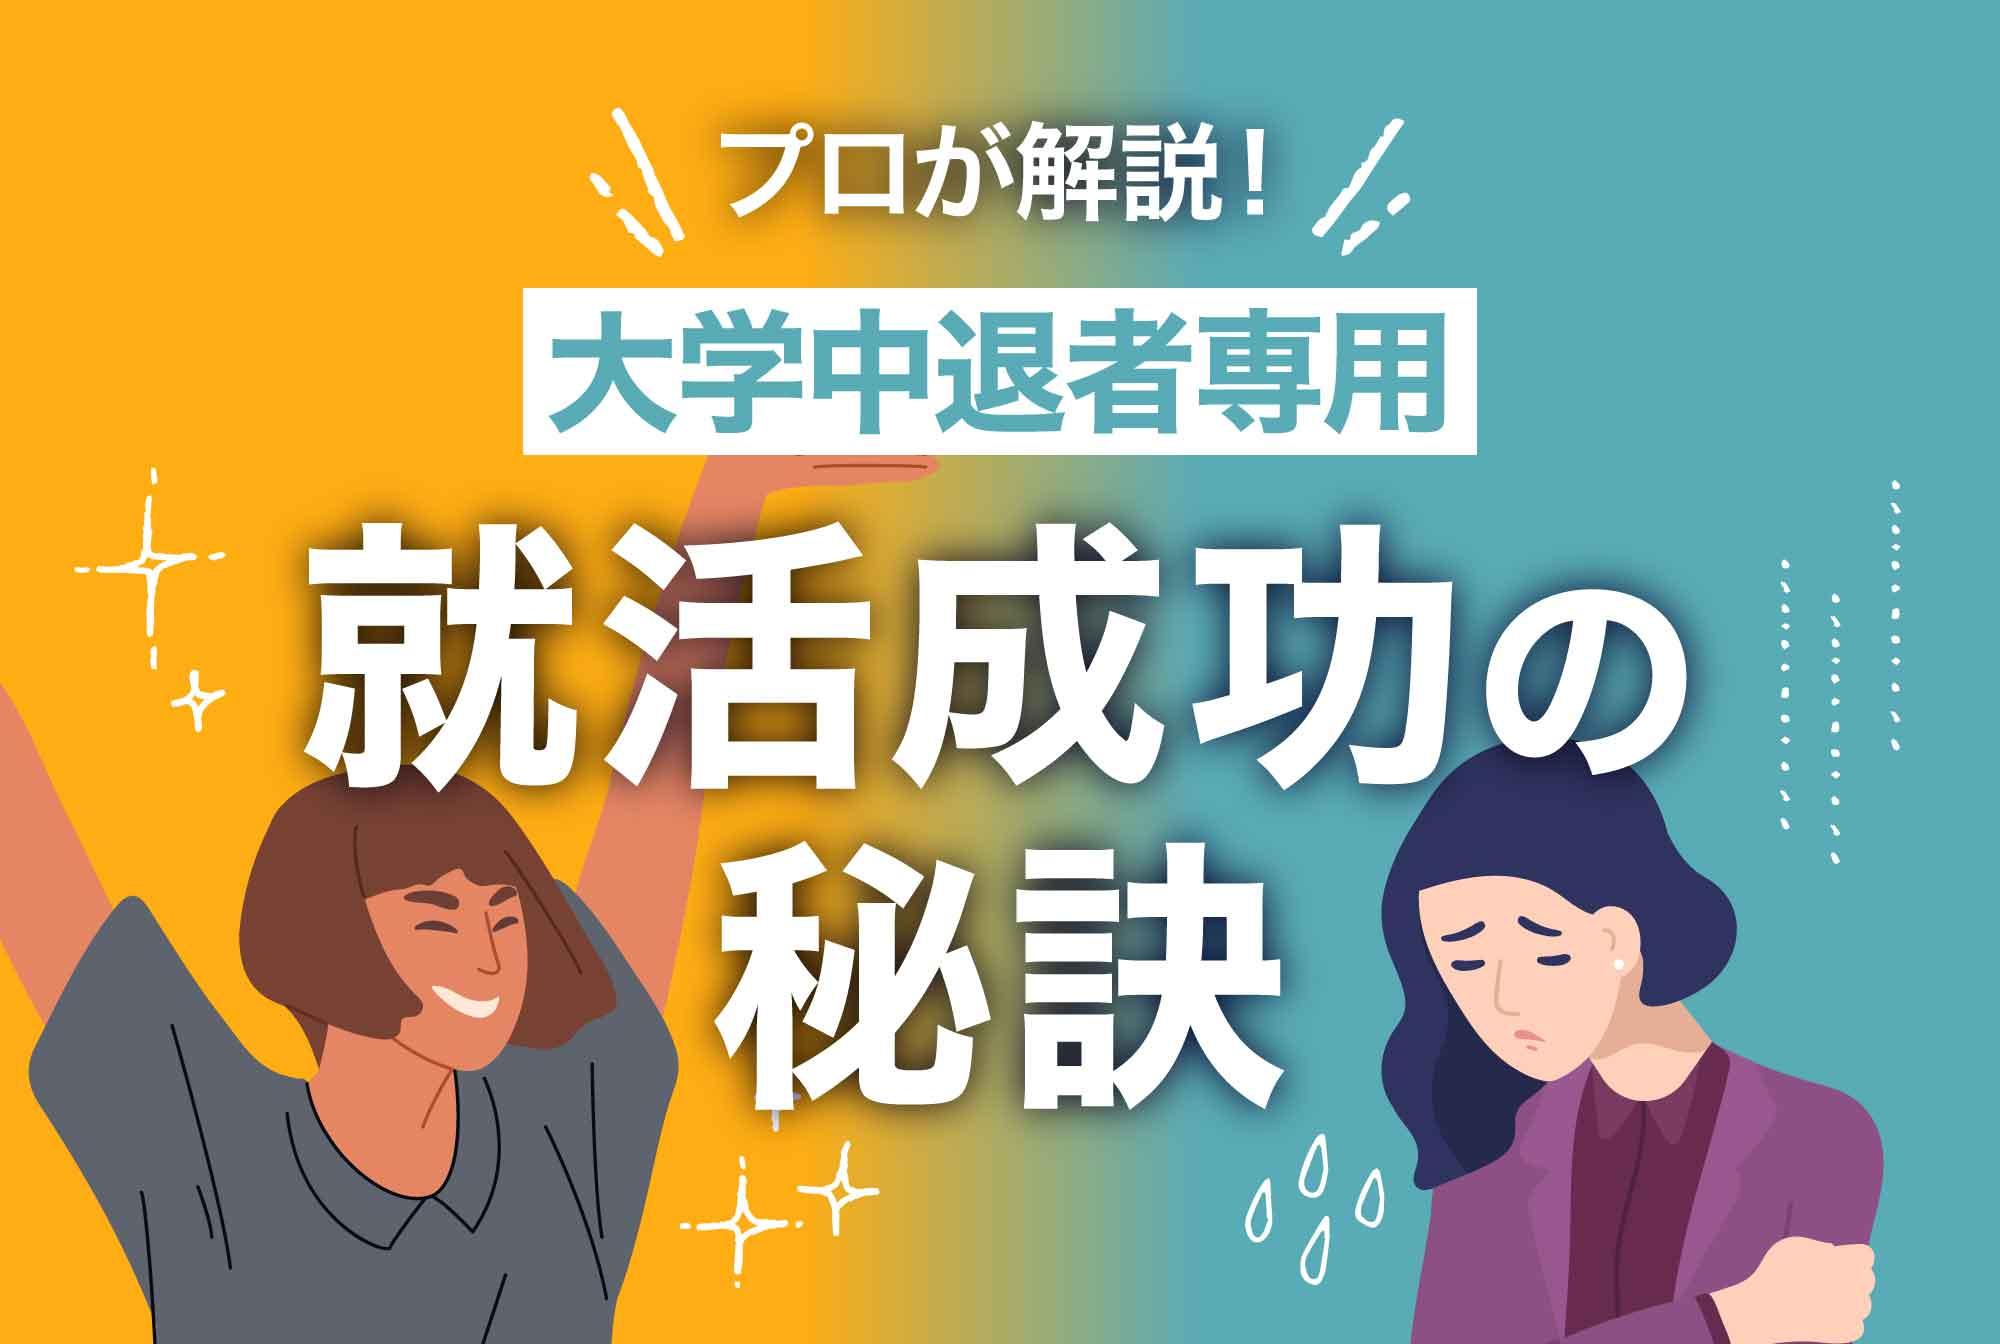 大学中退者専用!就活成功の秘訣をプロが解説!